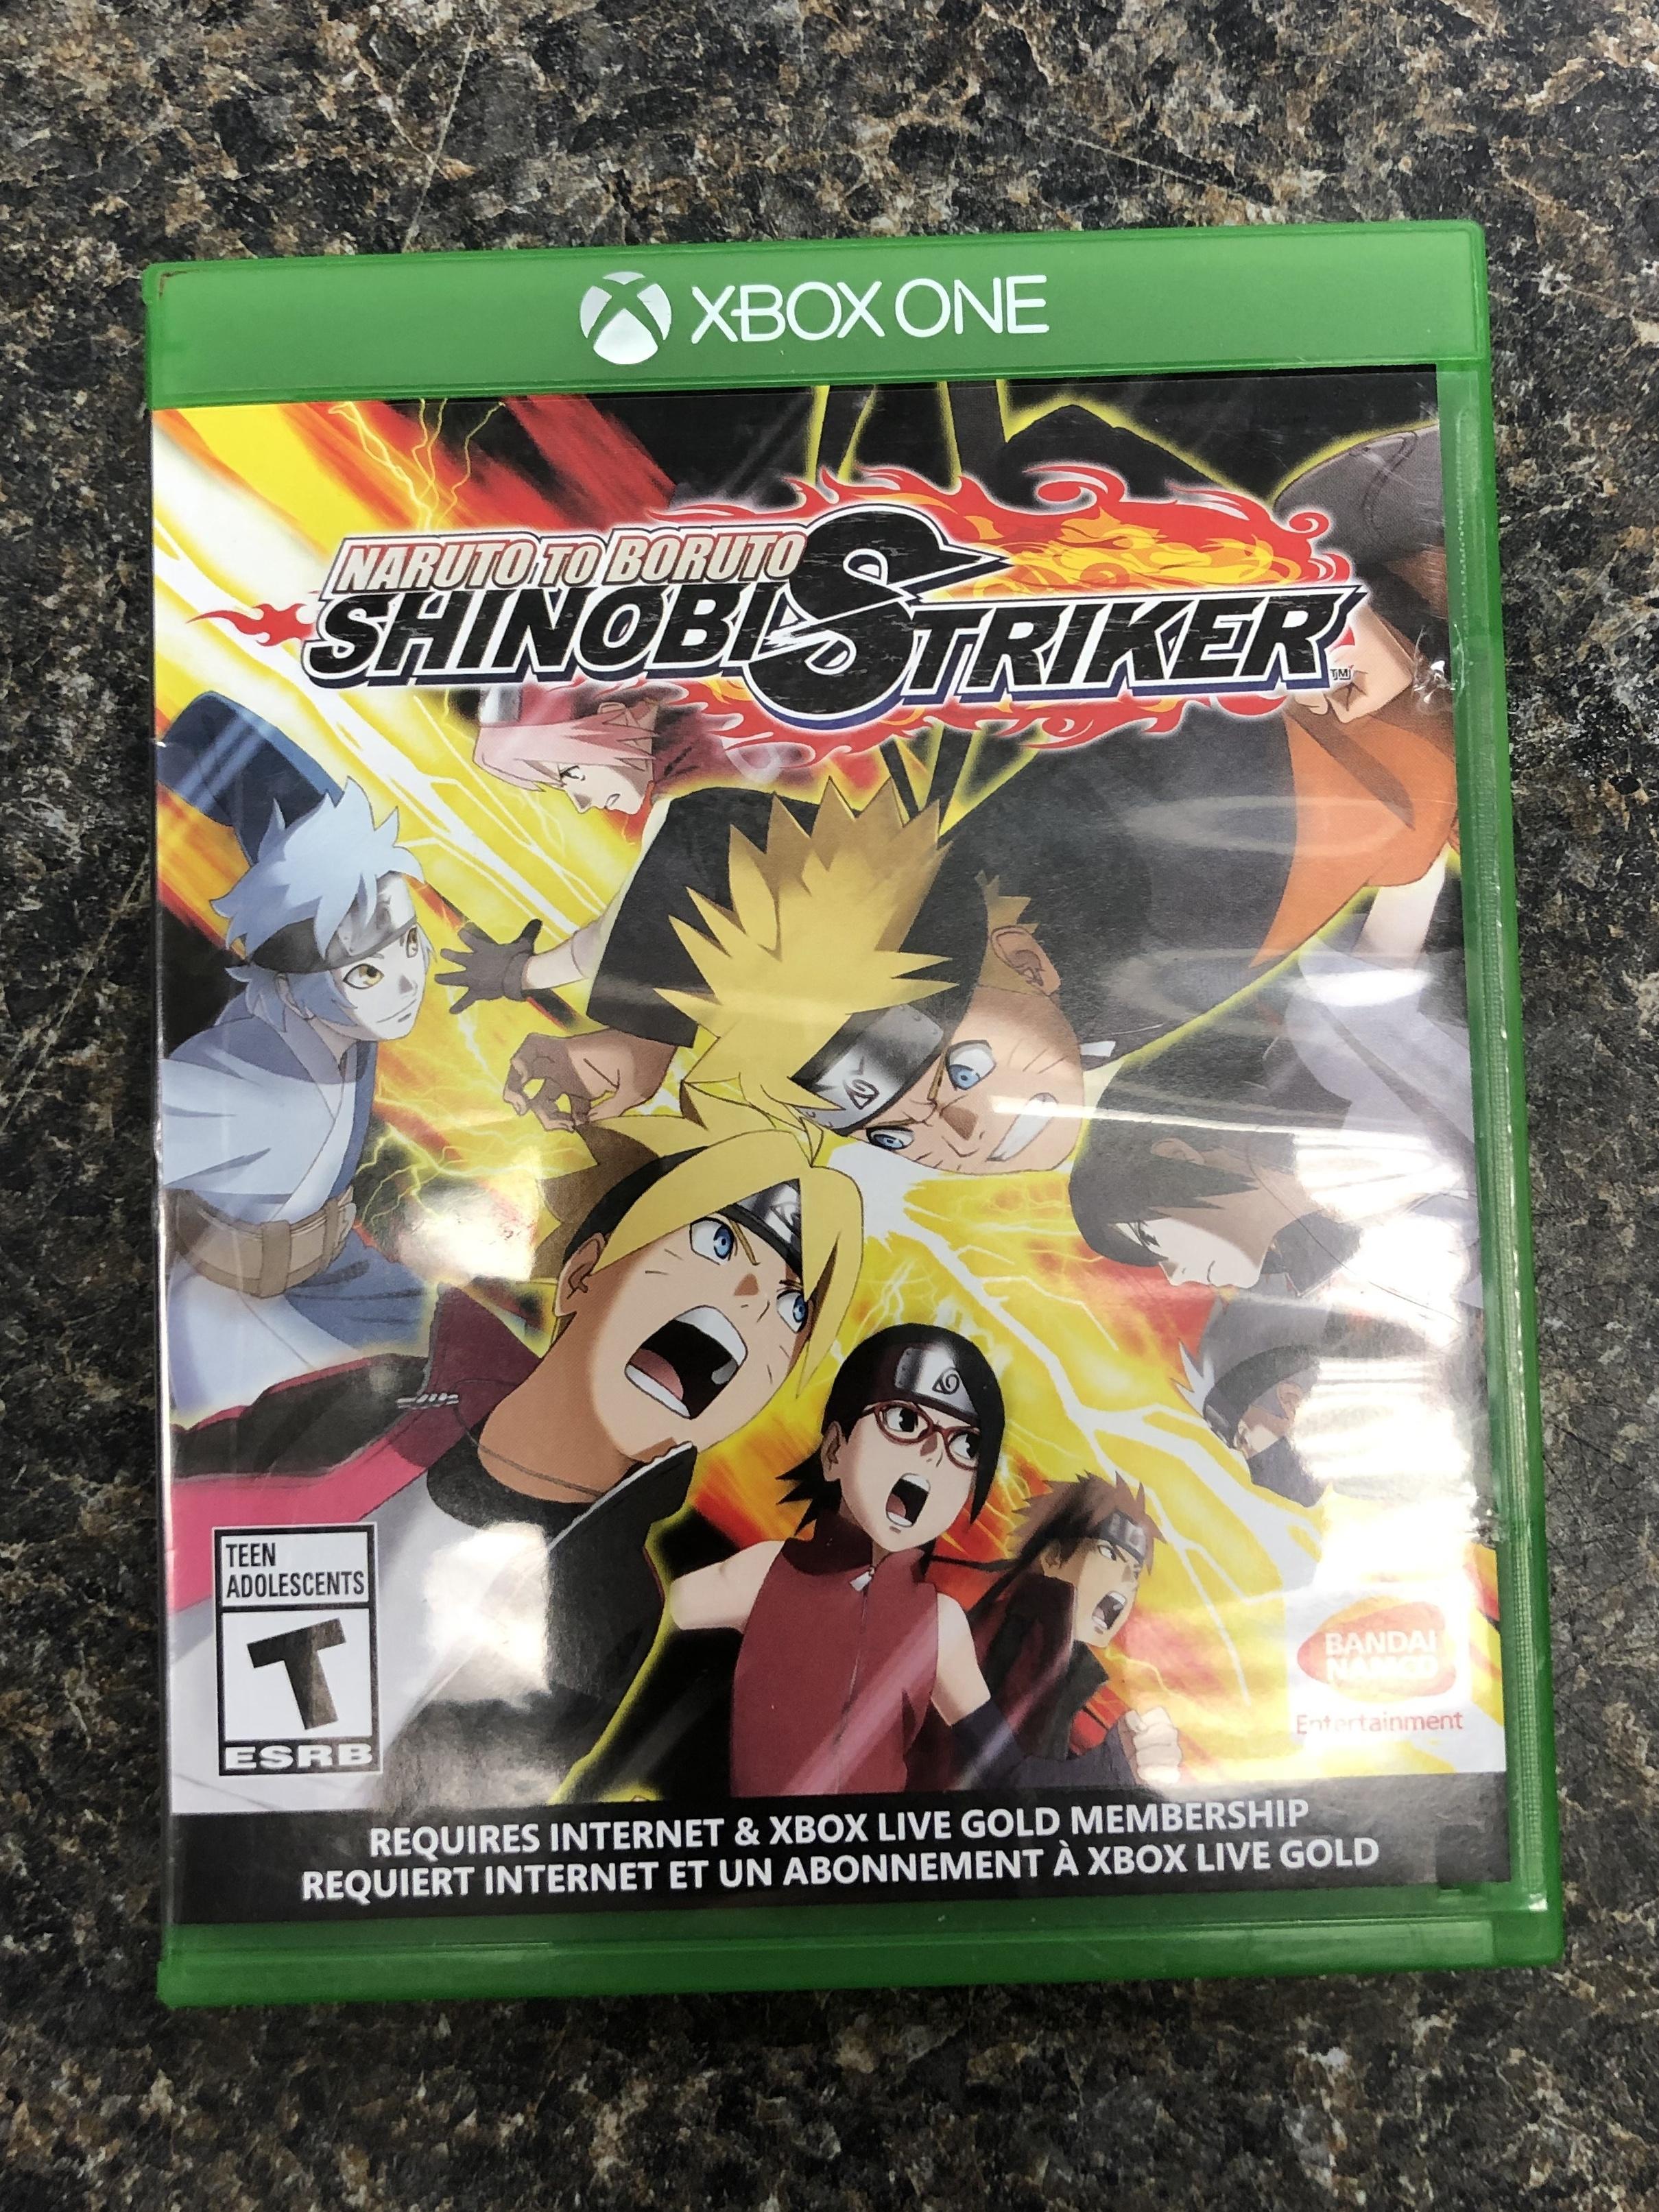 XBOX ONE GAME - NARUTO BORUTO SHINOBI STRIKER